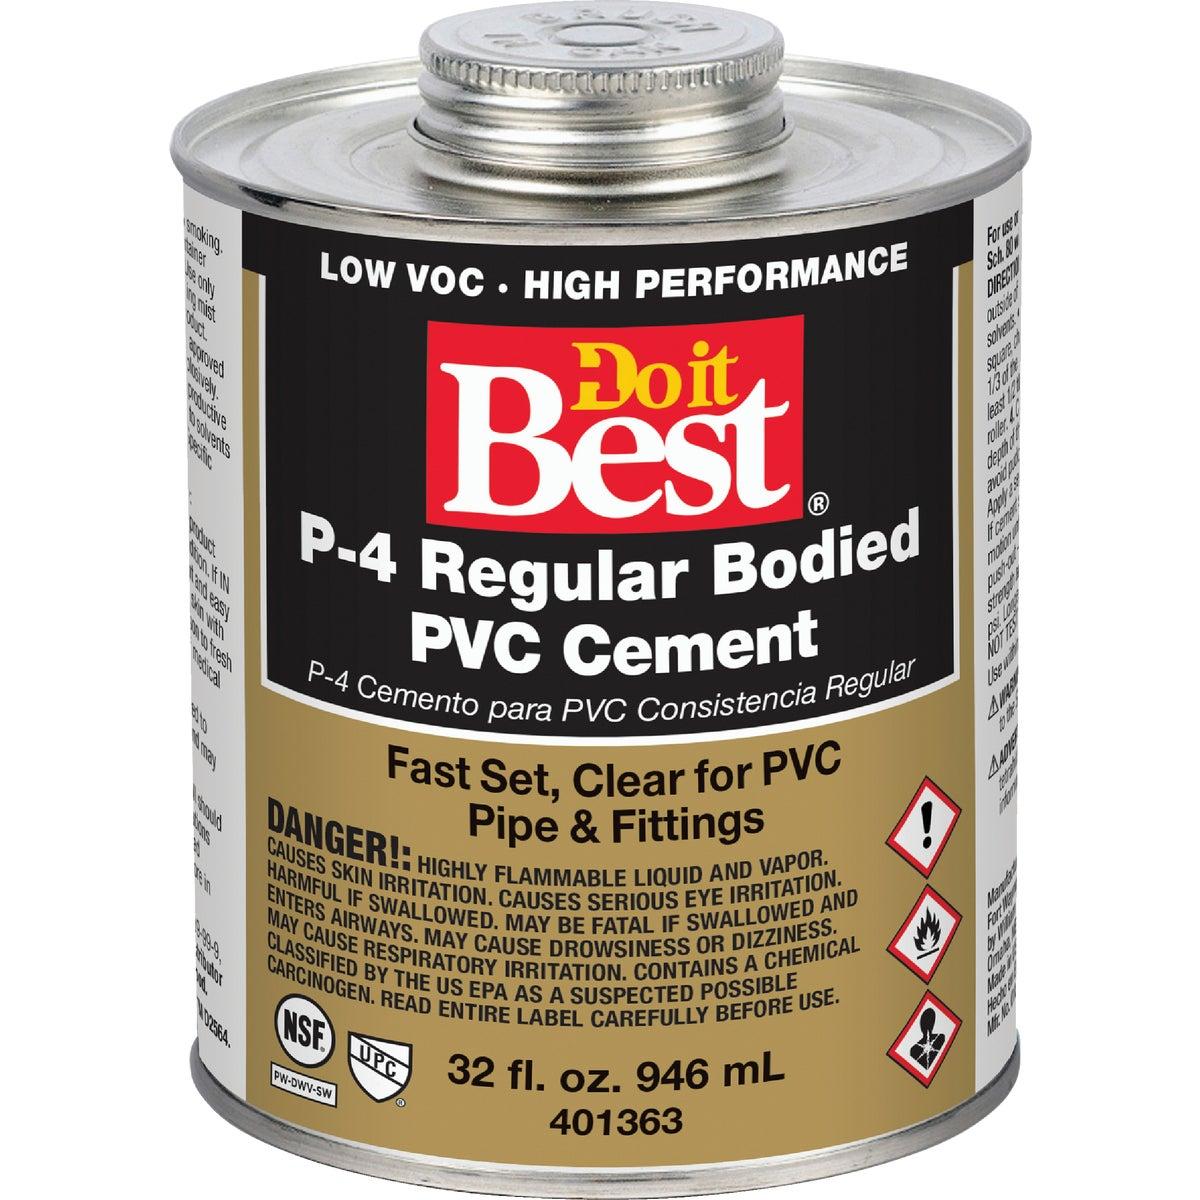 QUART PVC CEMENT - 018139 by Wm H Harvey Co